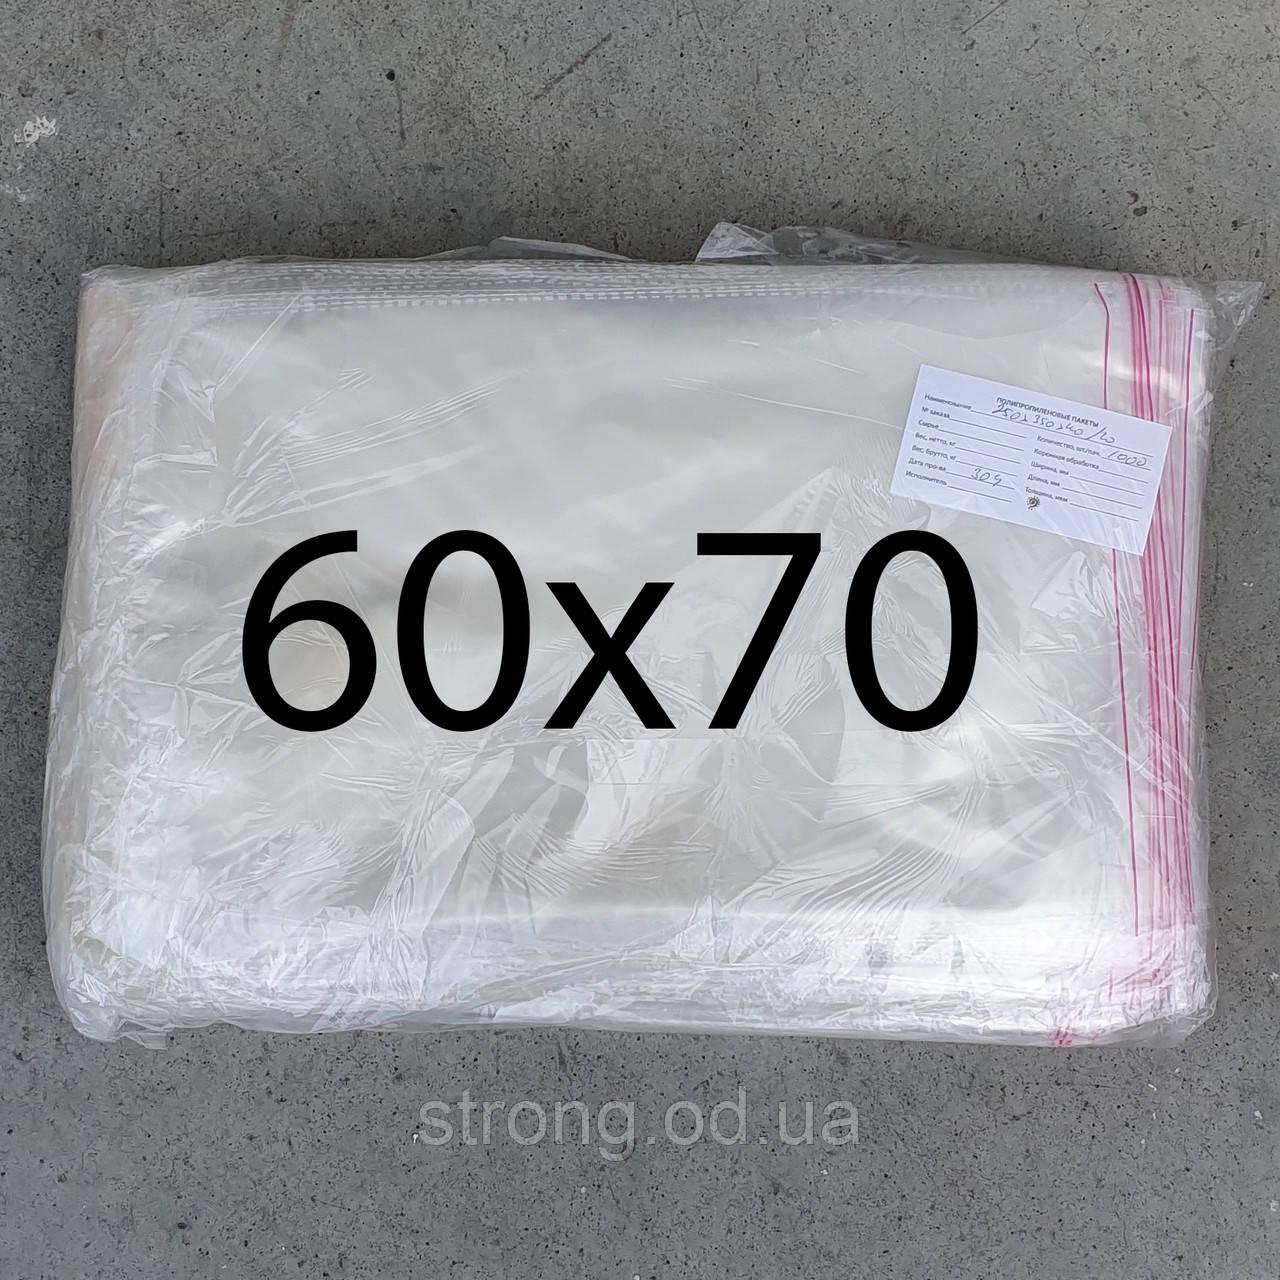 Пакет упаковочный с липкой лентой 60х70 (1000шт.)